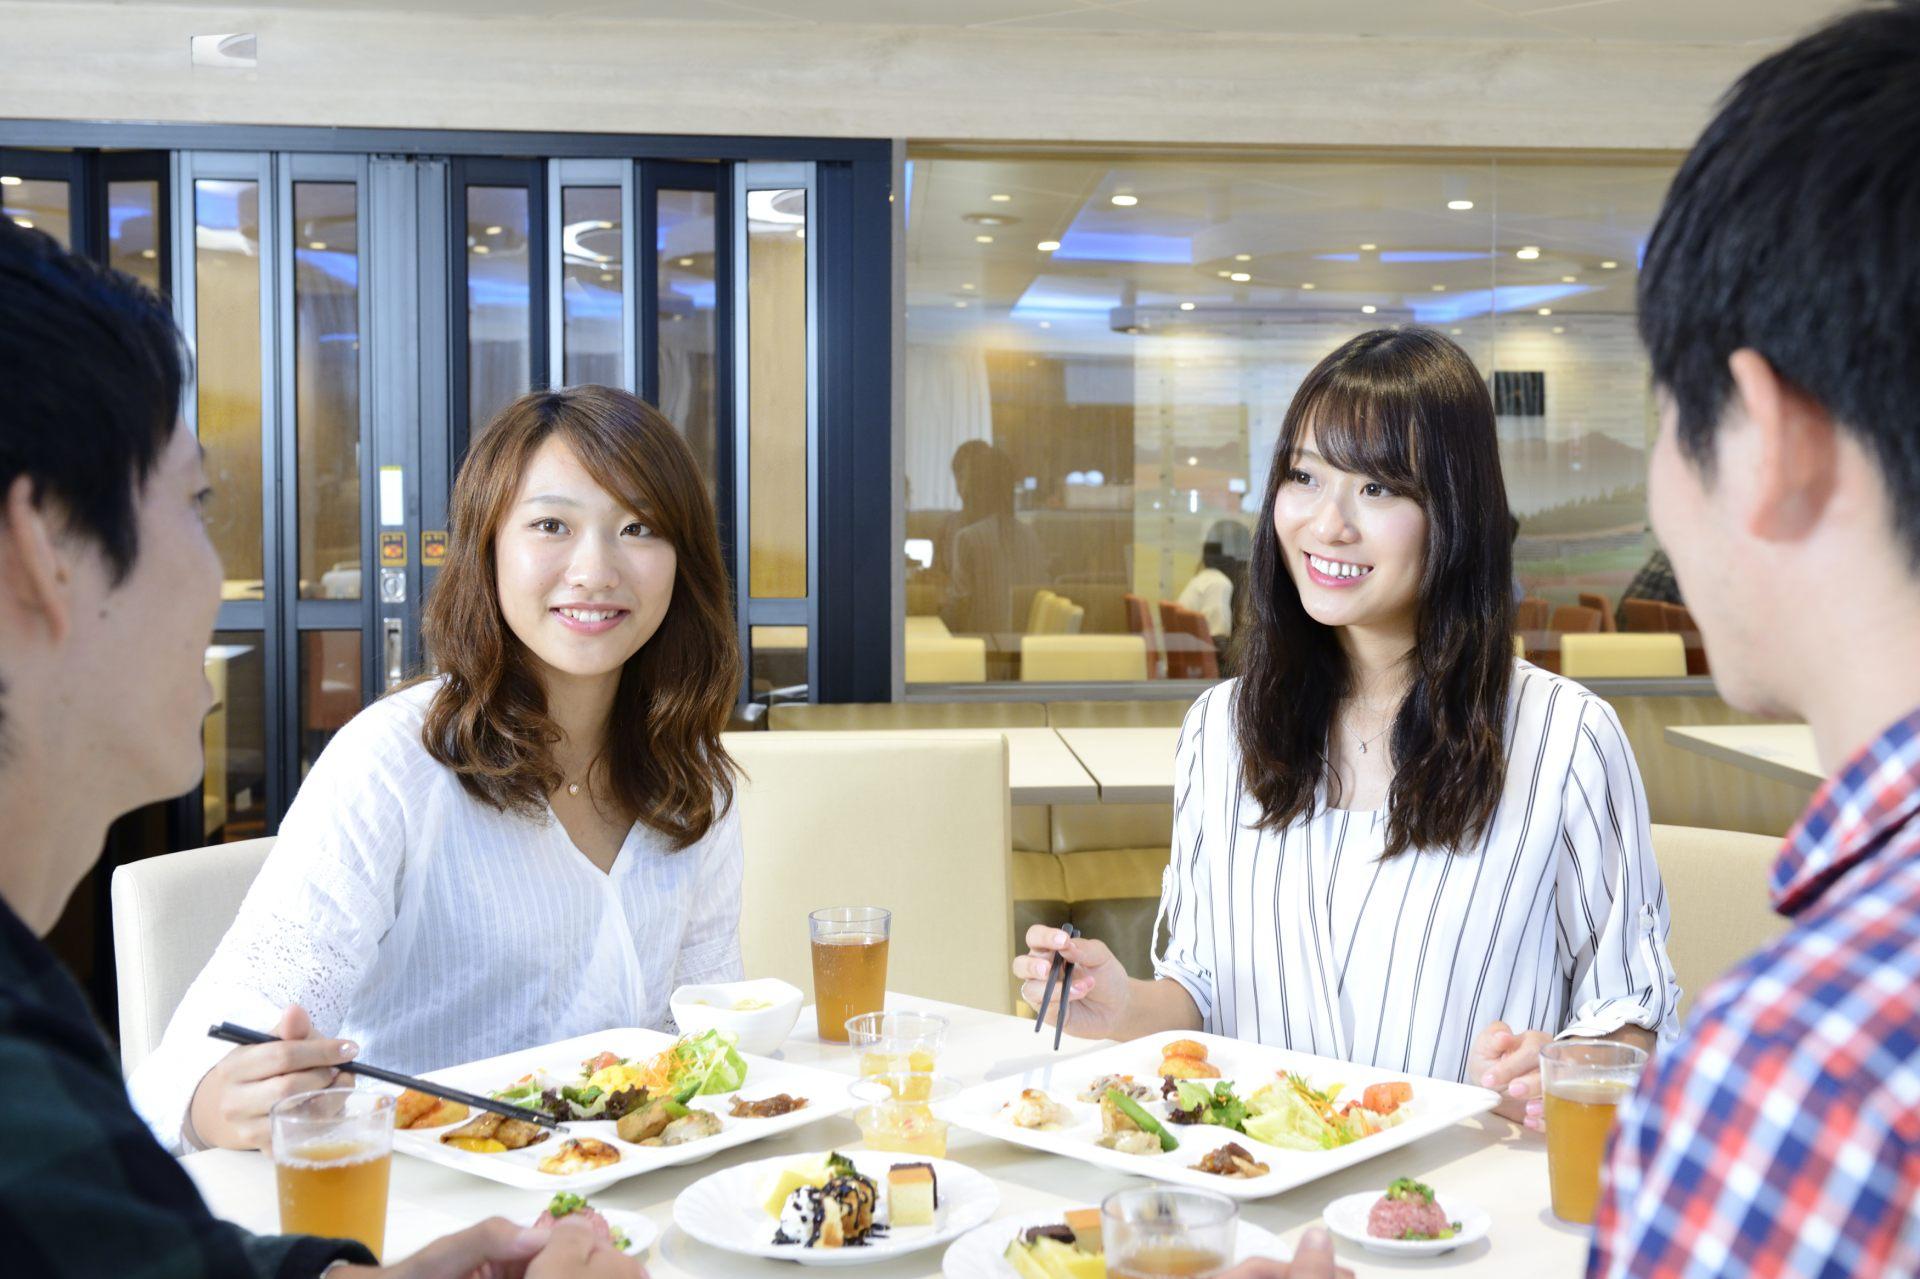 餐廳內提供豐富美味料理